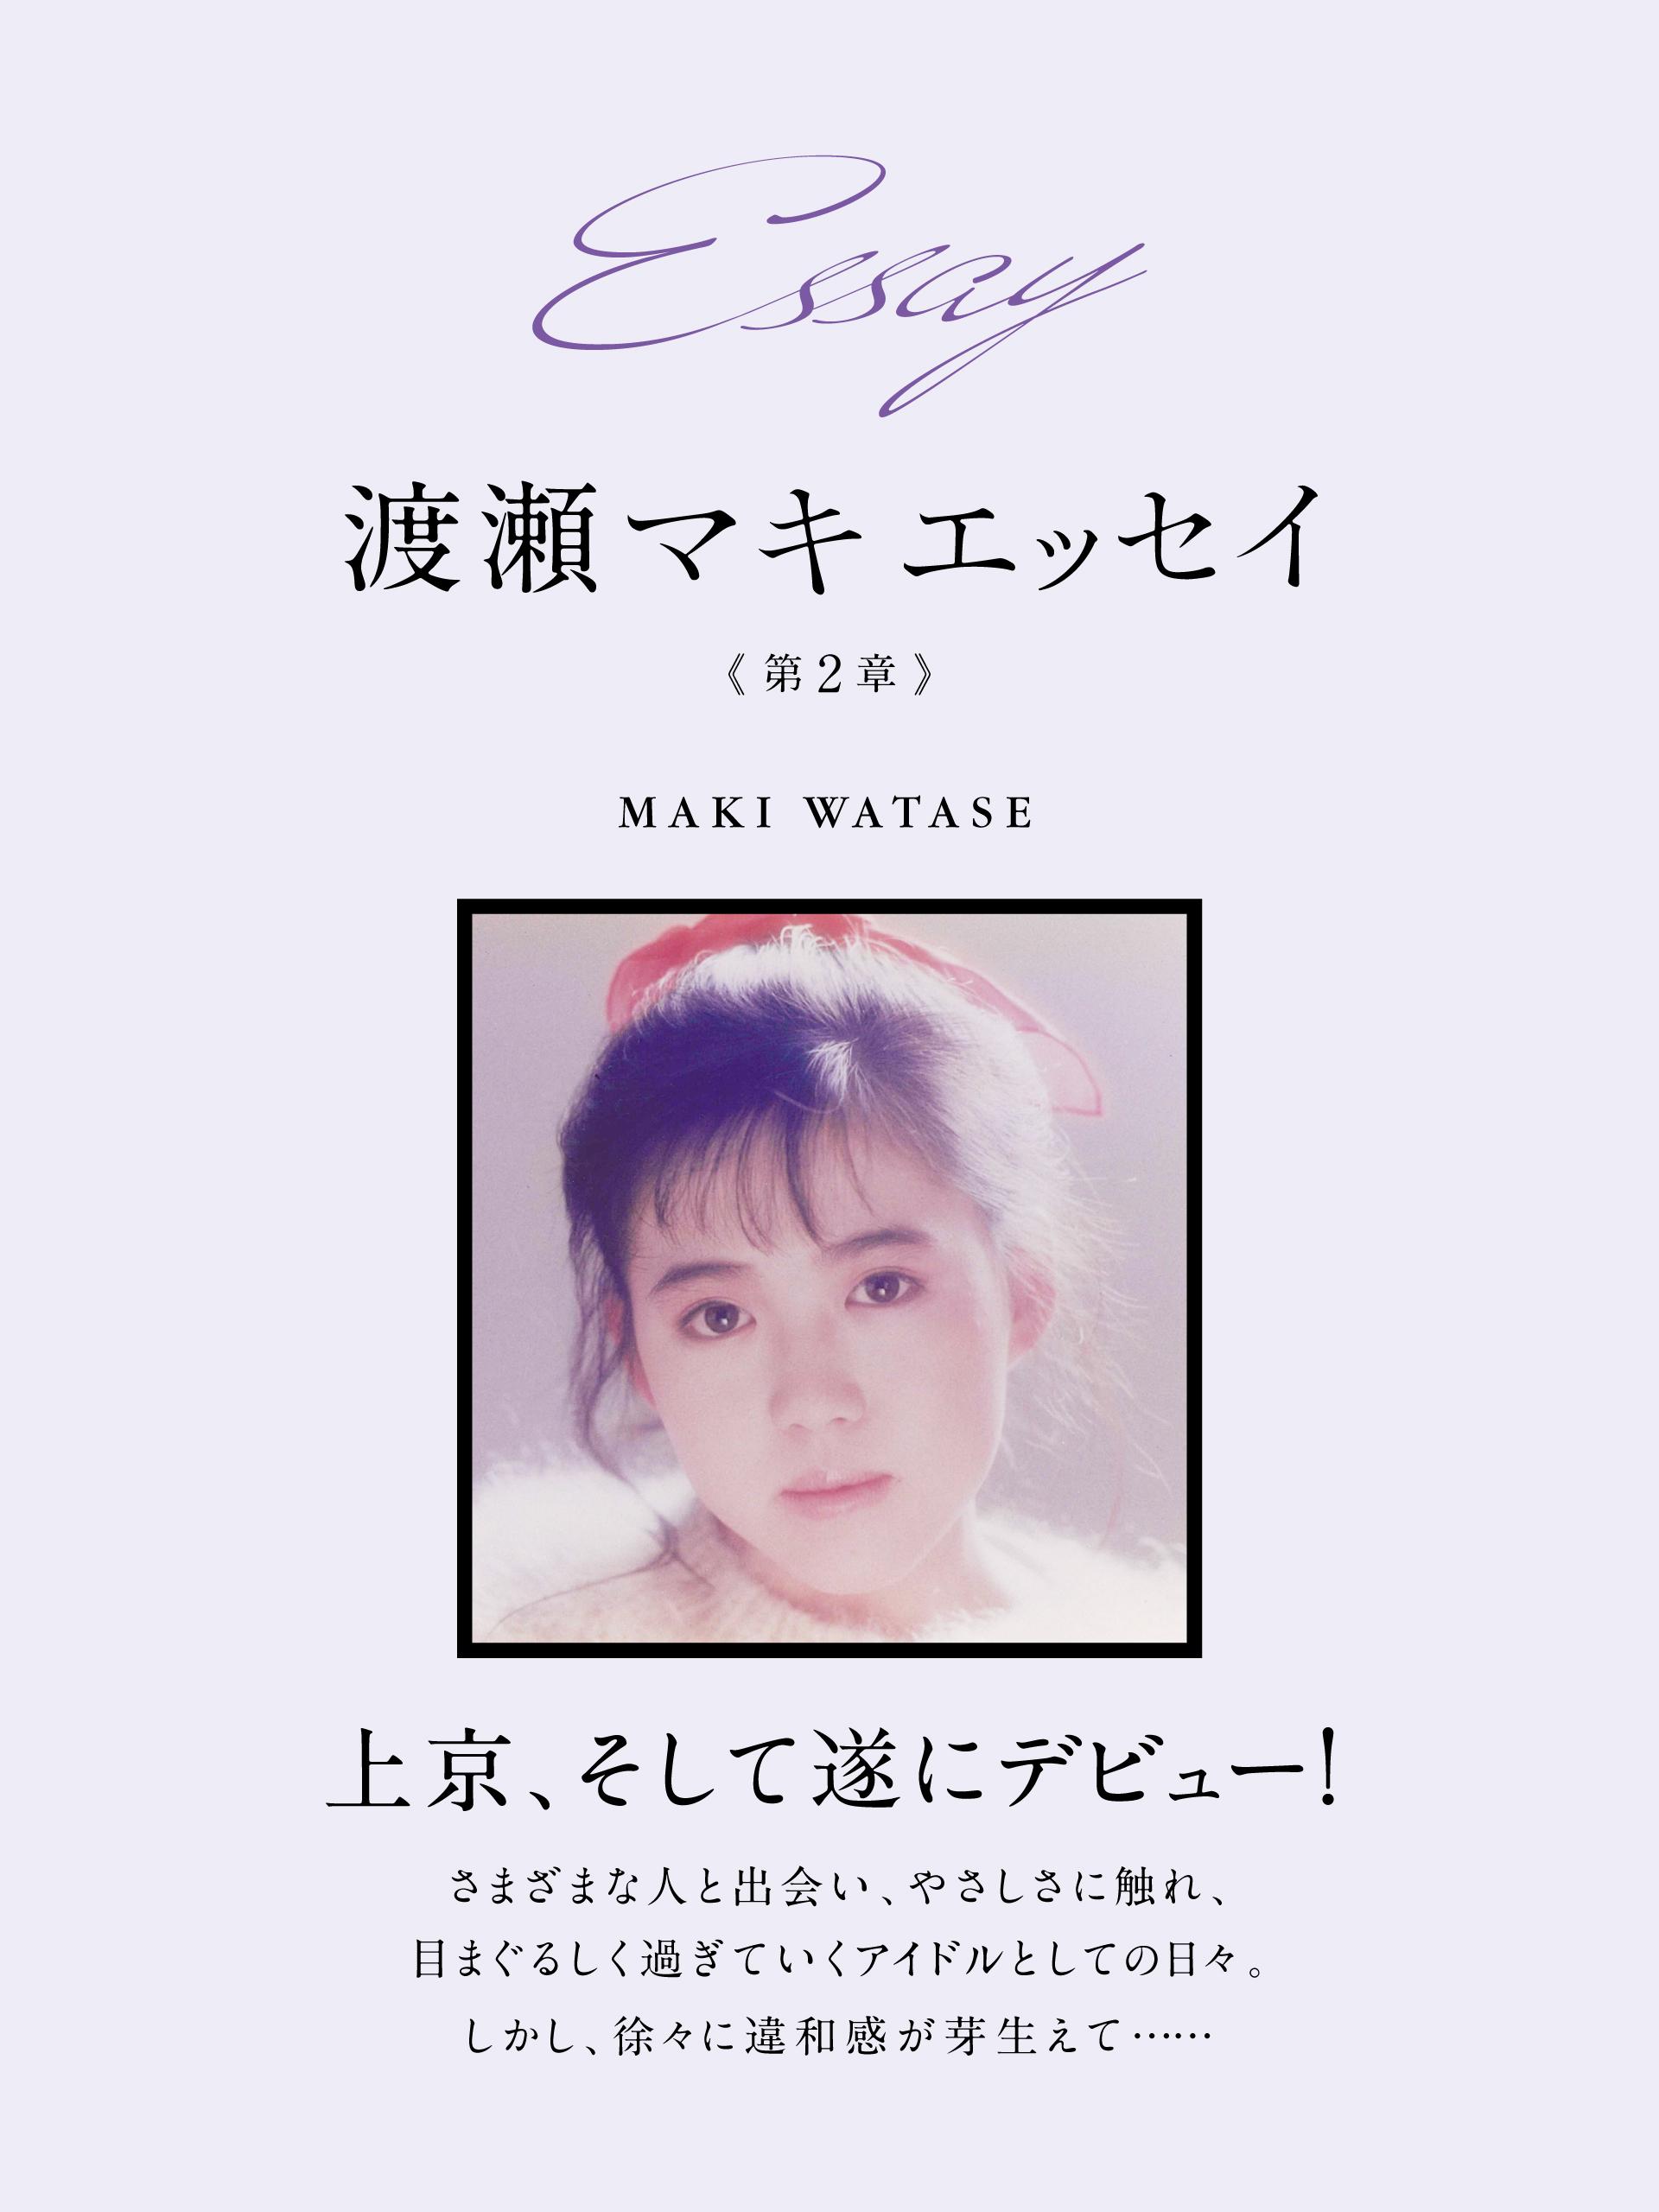 渡瀬マキ2章